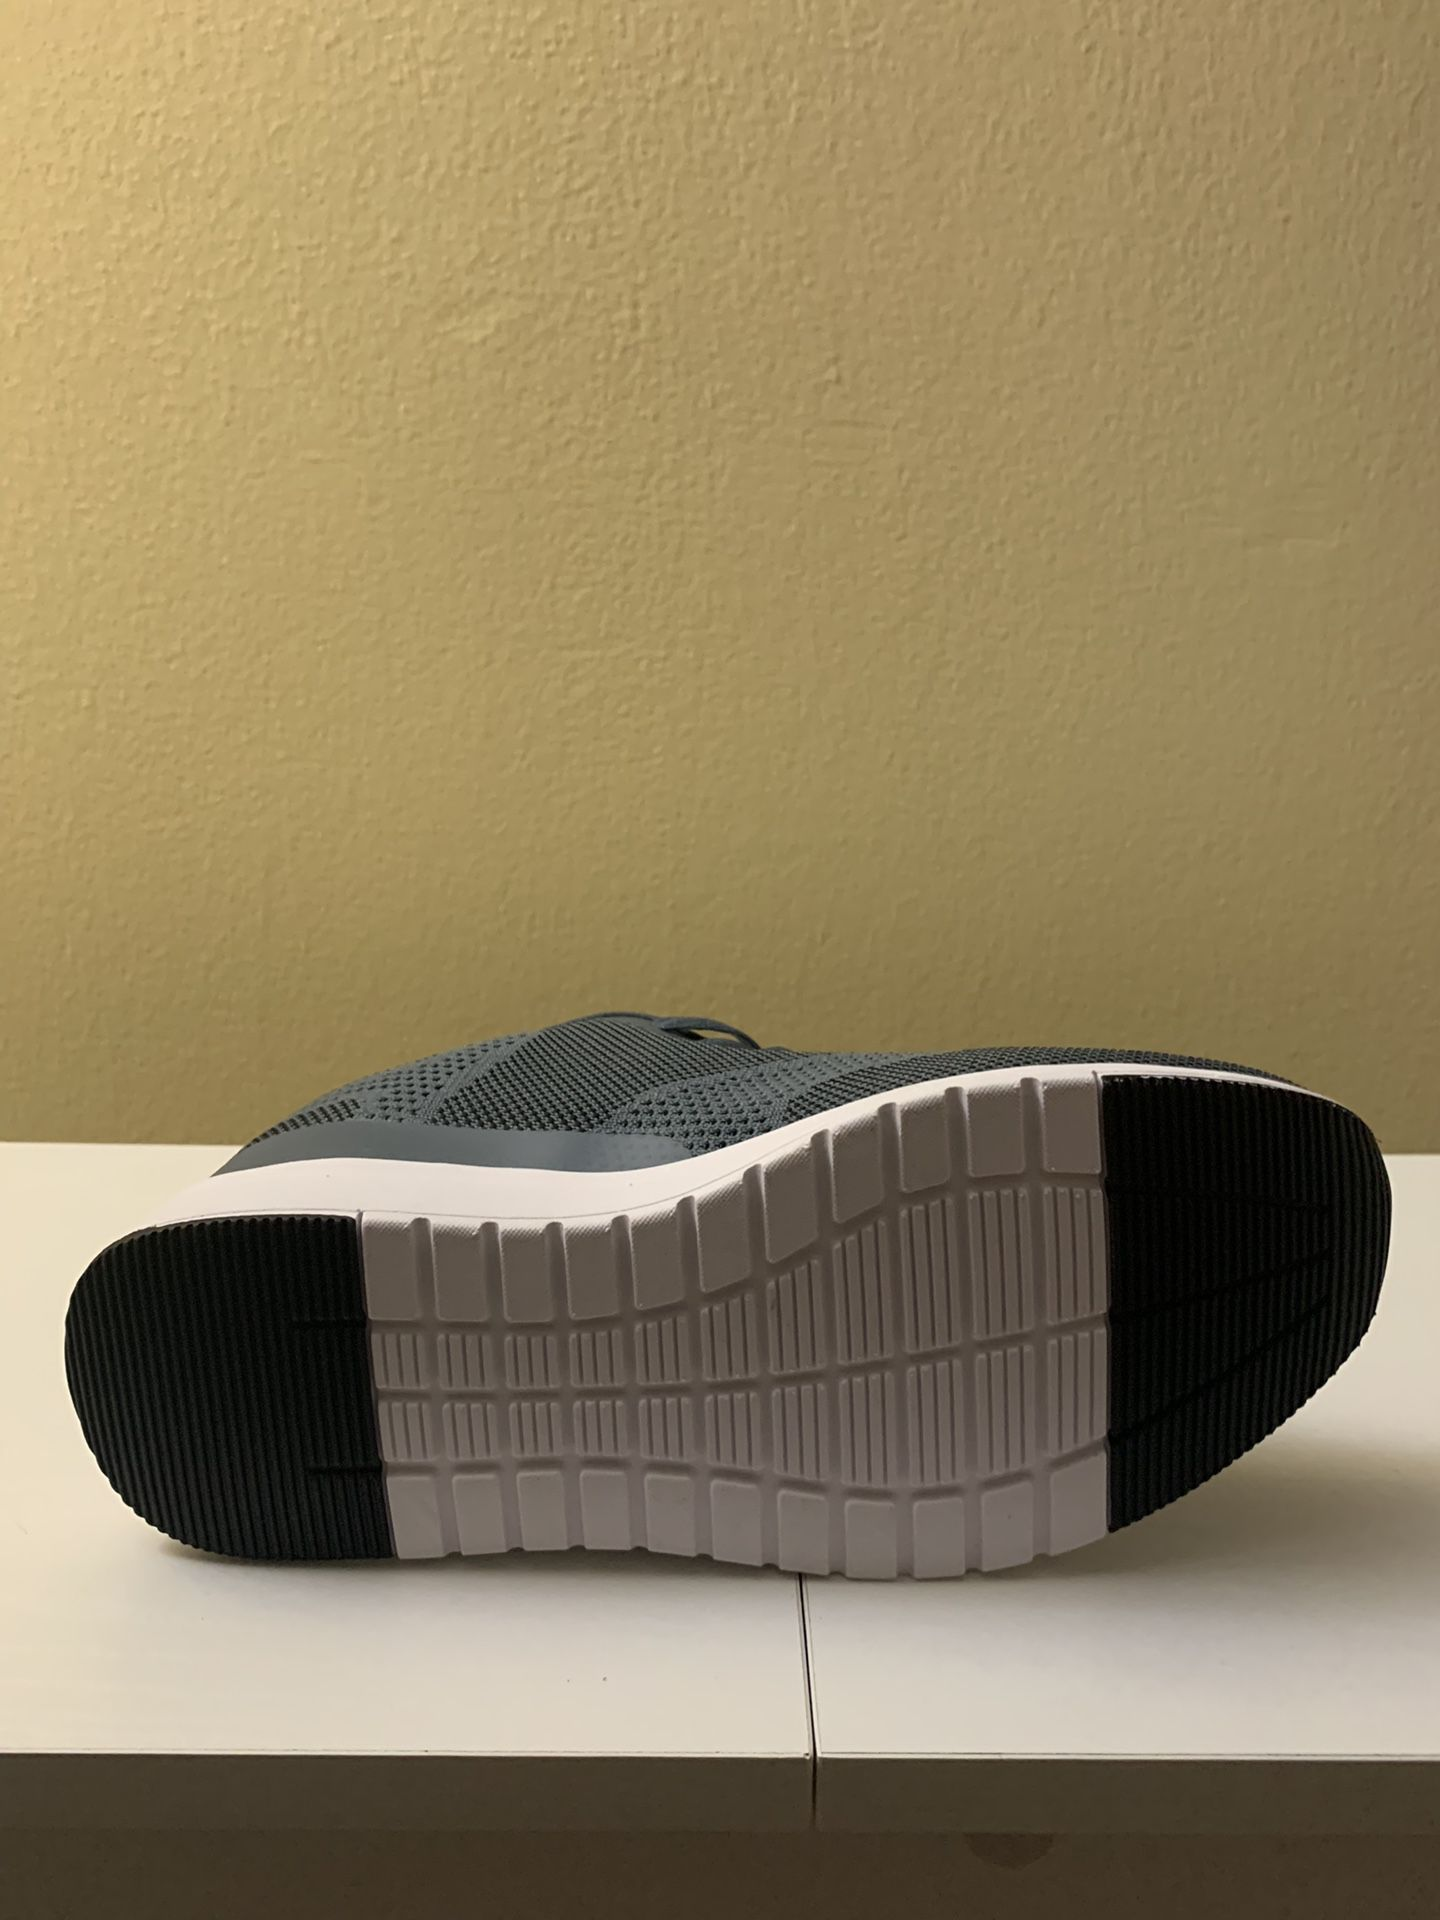 Acis Sport Size 10